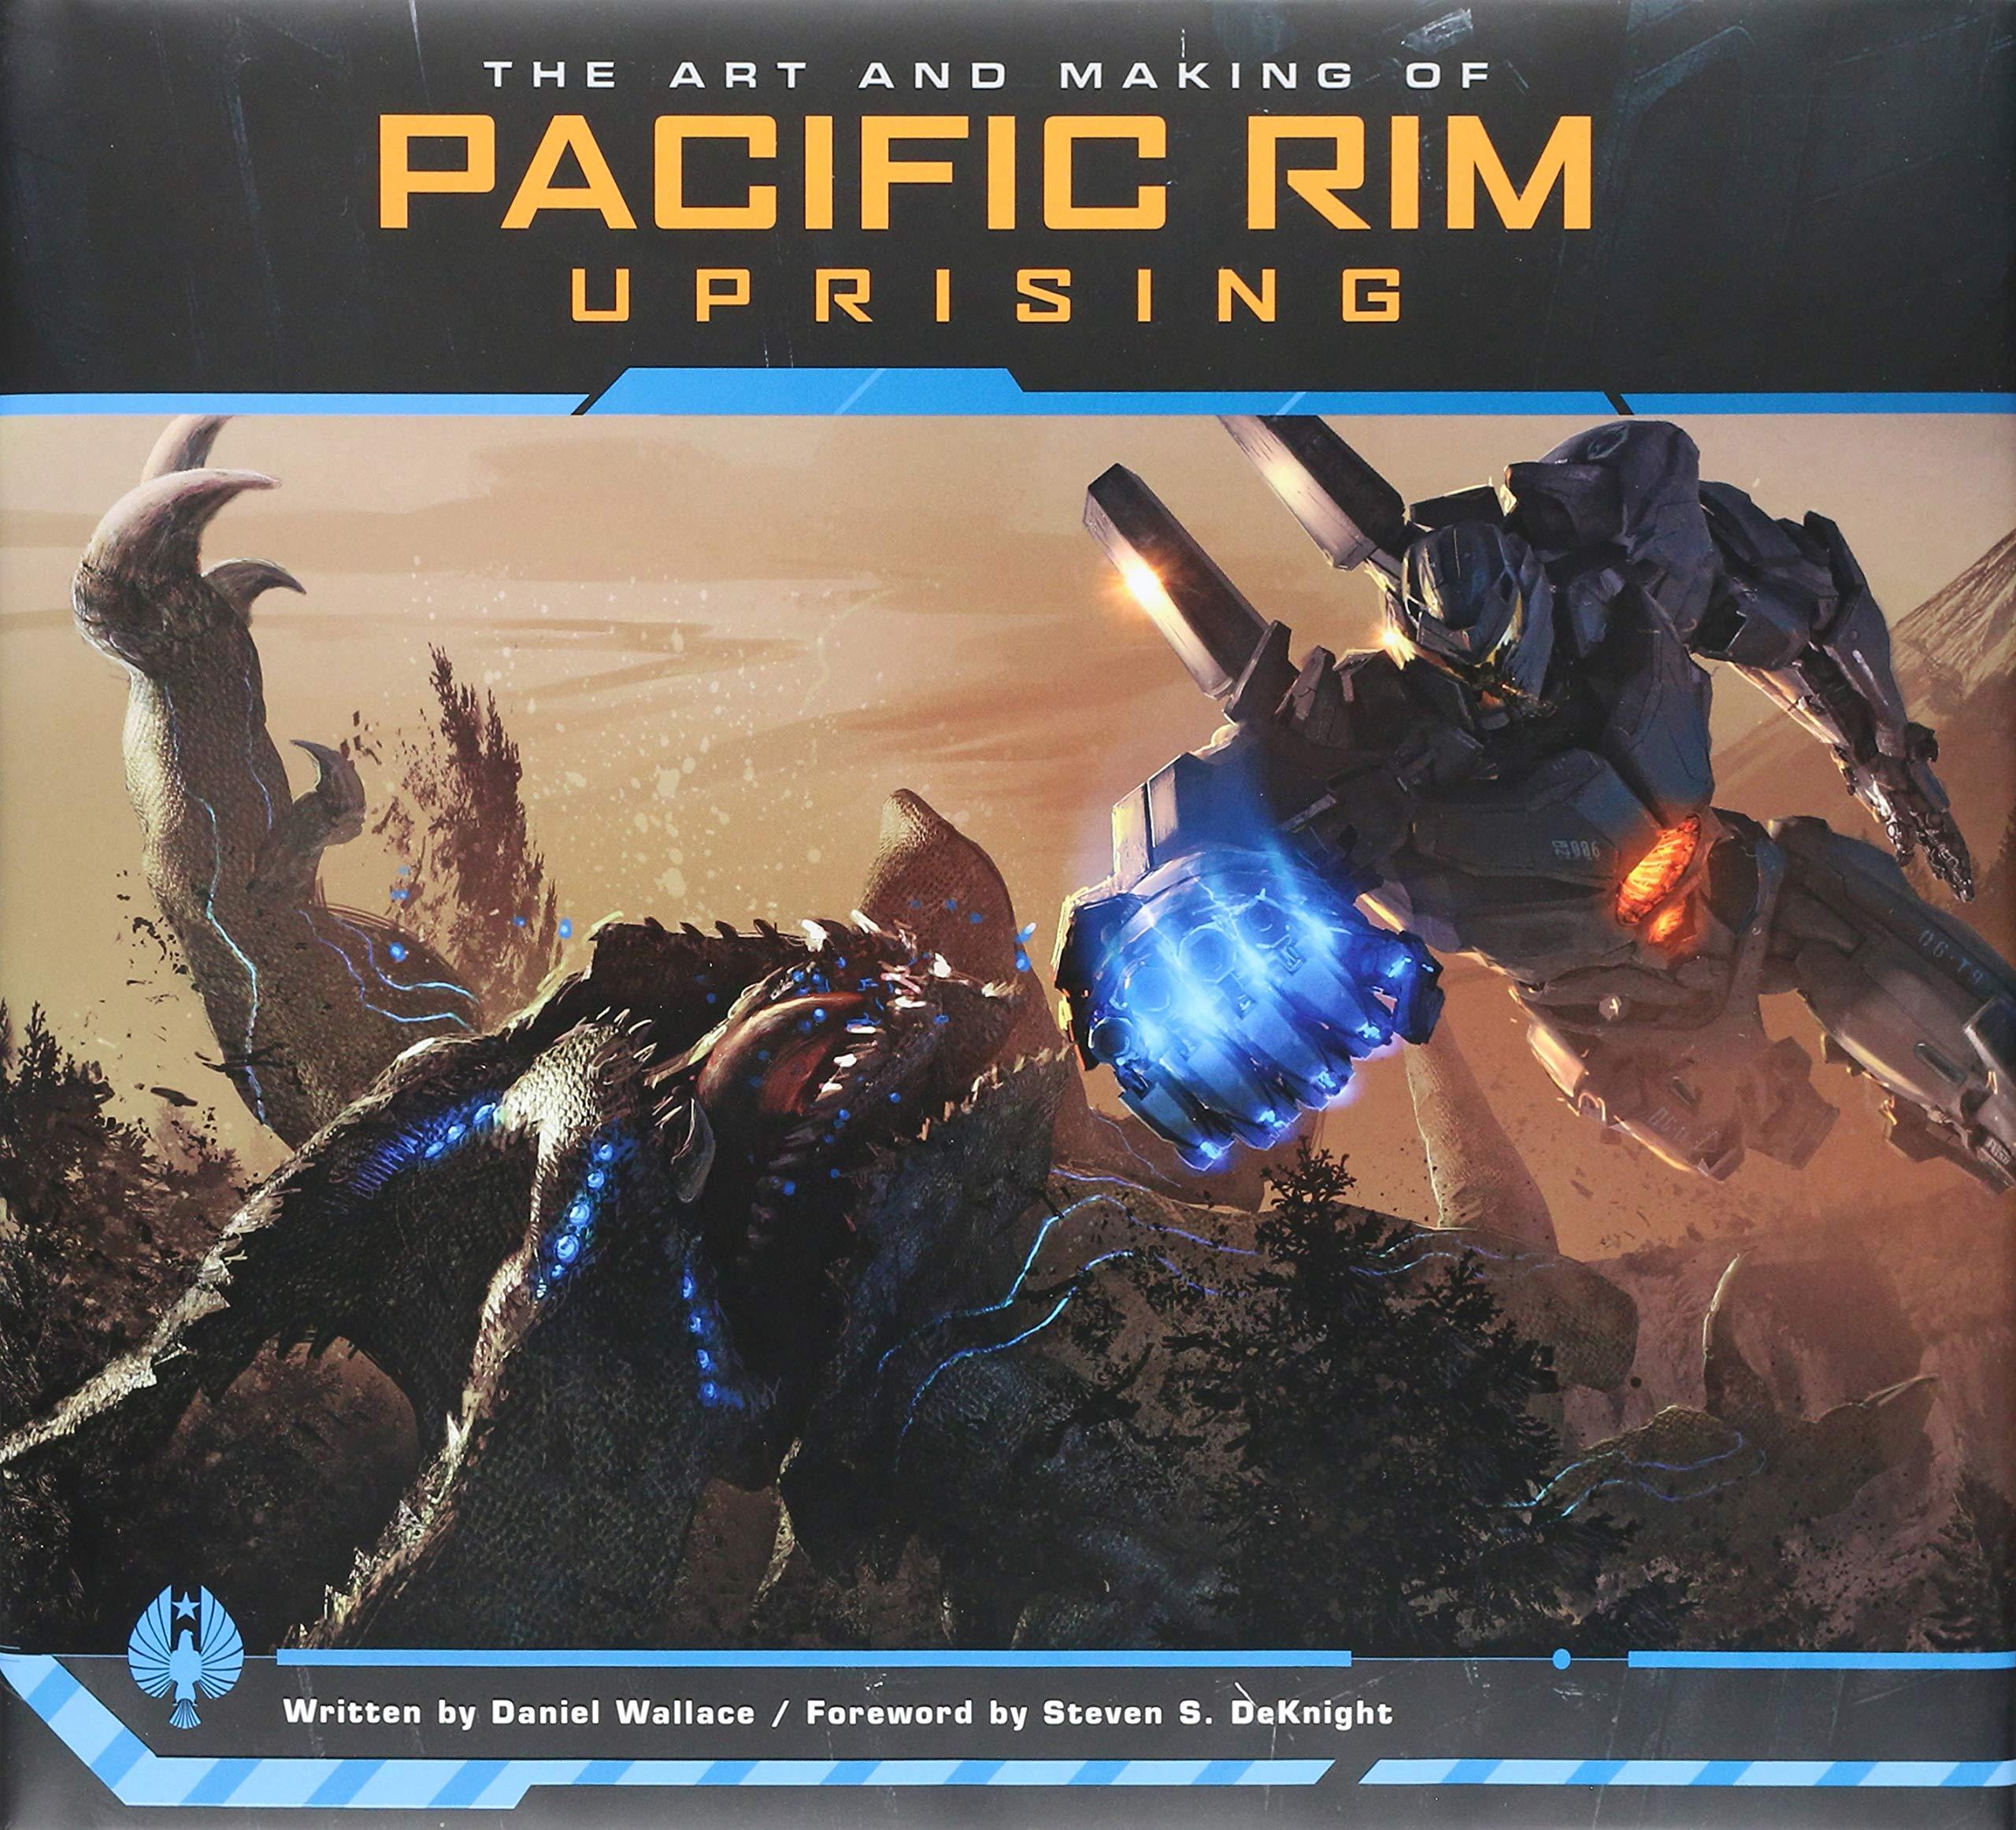 rim art pacific book concept